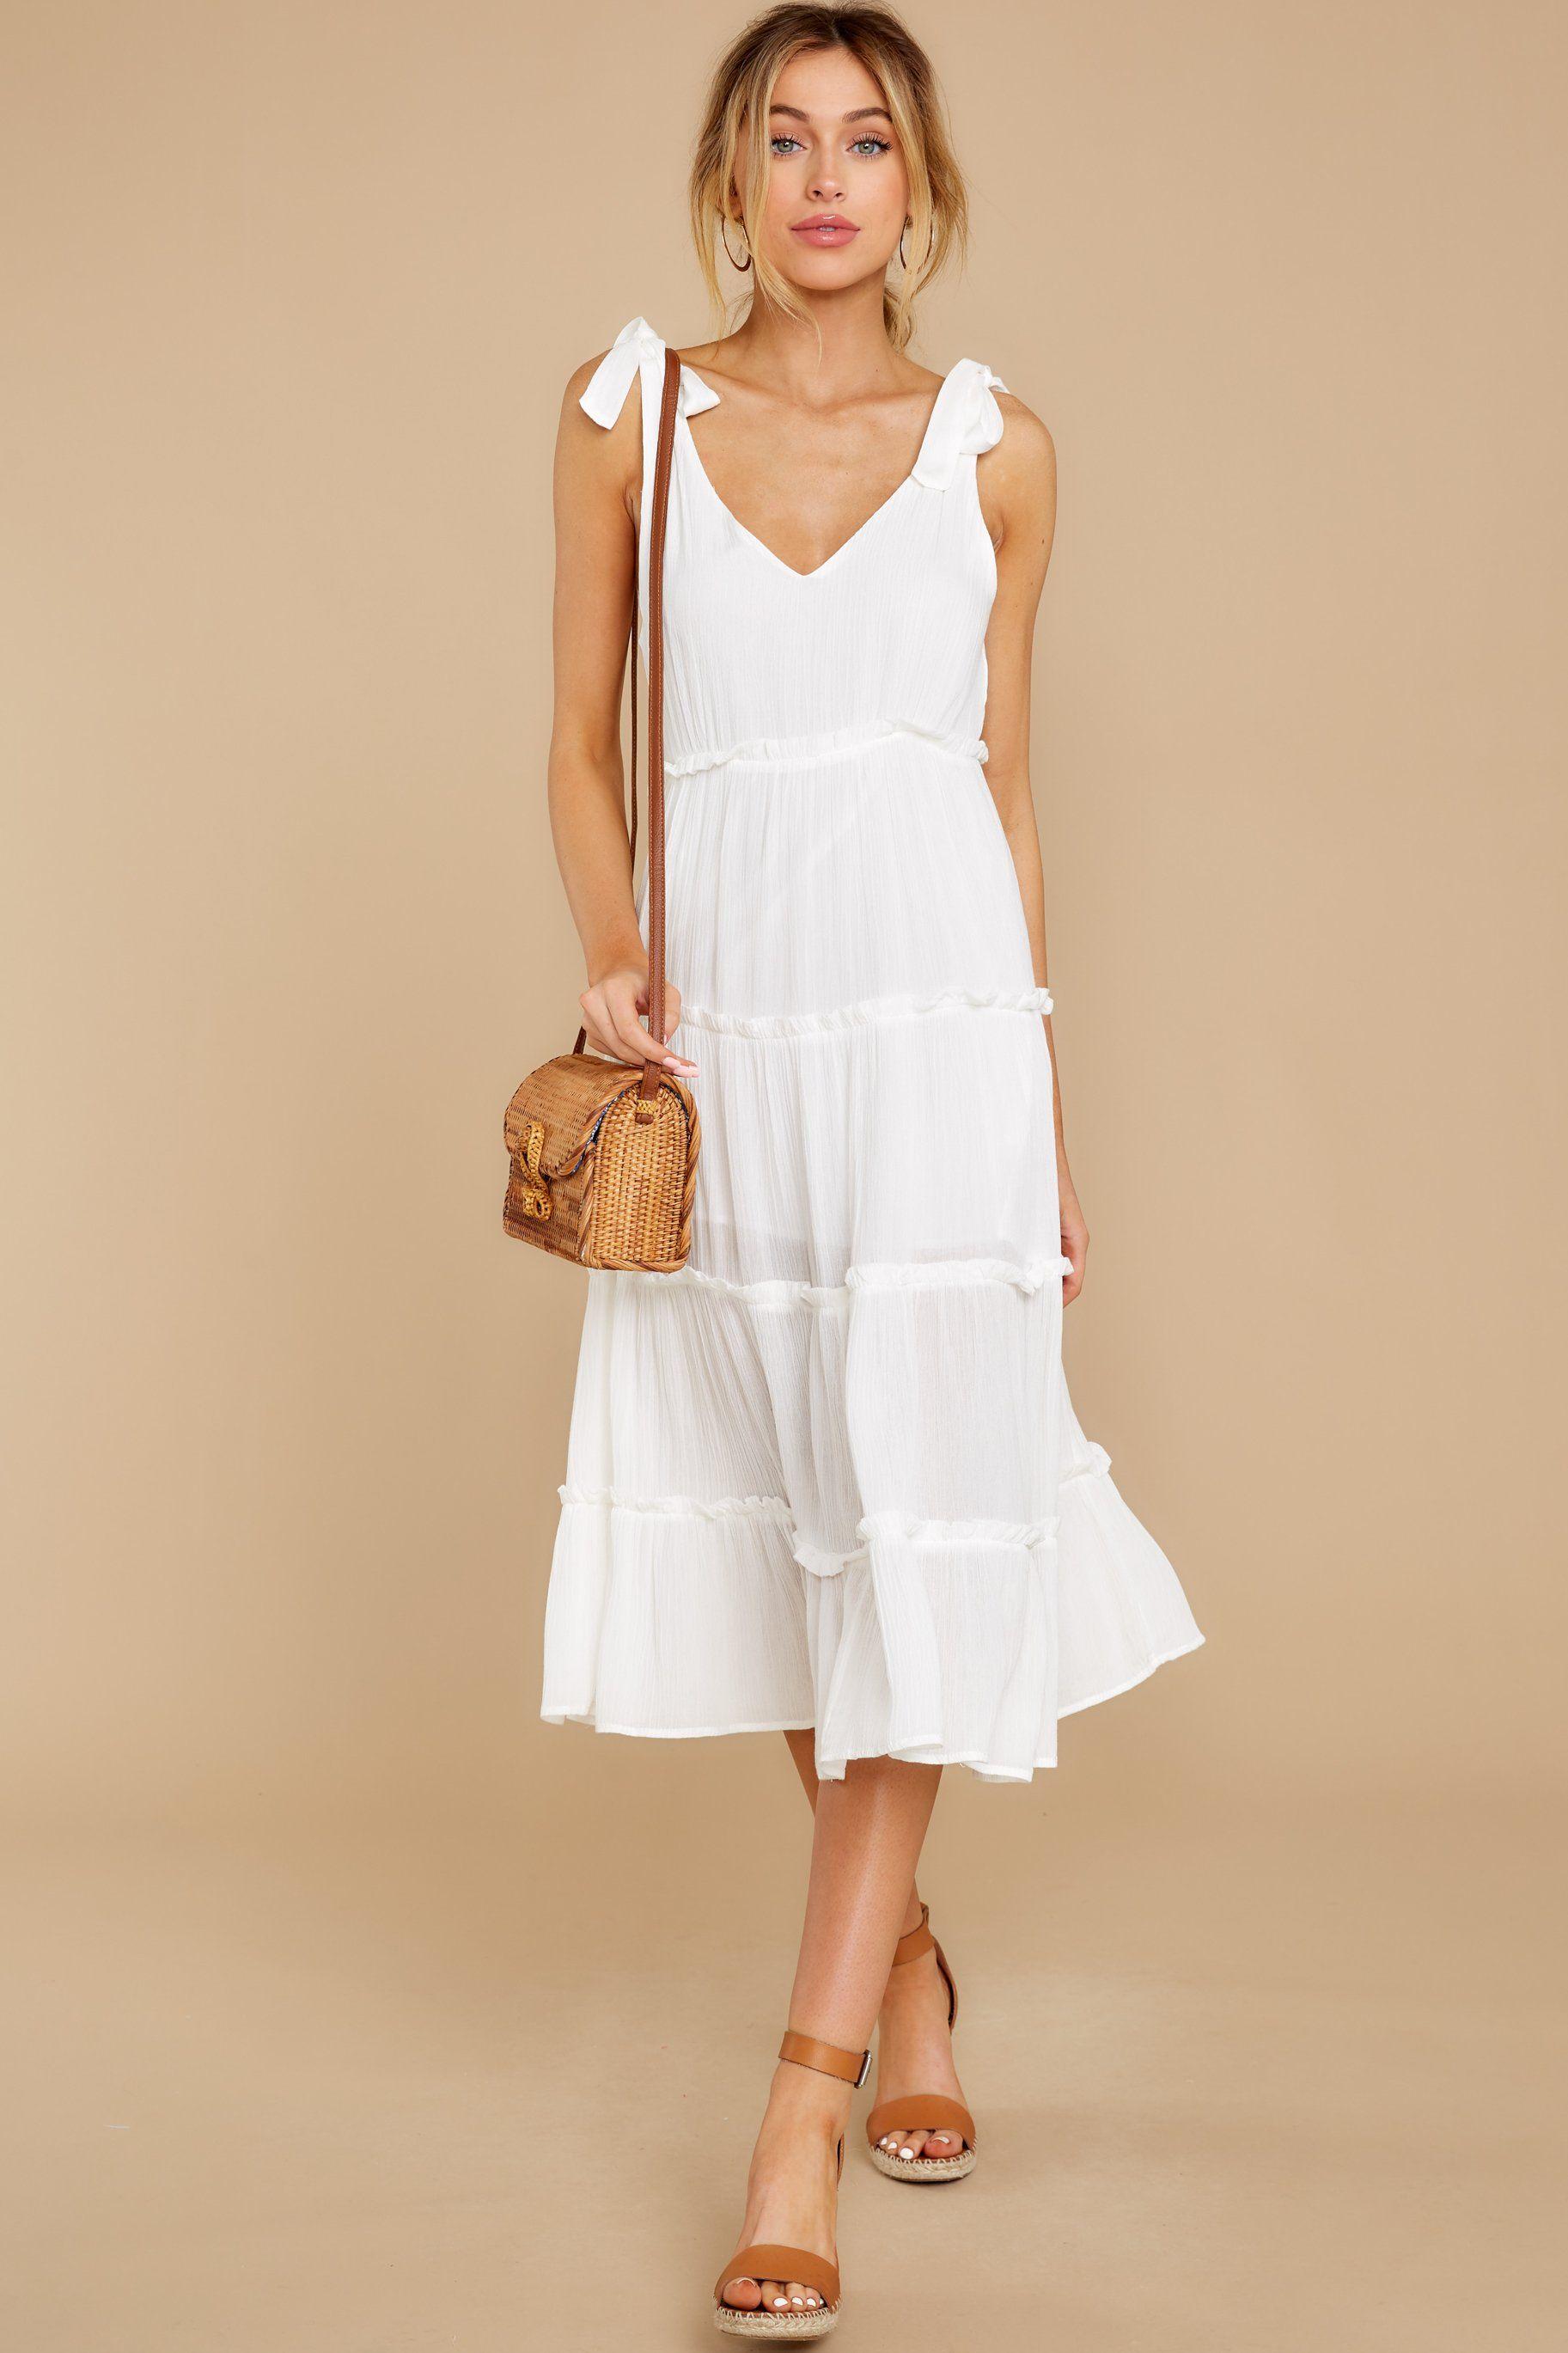 In Full Swing Ivory Midi Dress Midi Dress Ivory Midi Dresses Midi Dress Casual [ 2738 x 1825 Pixel ]